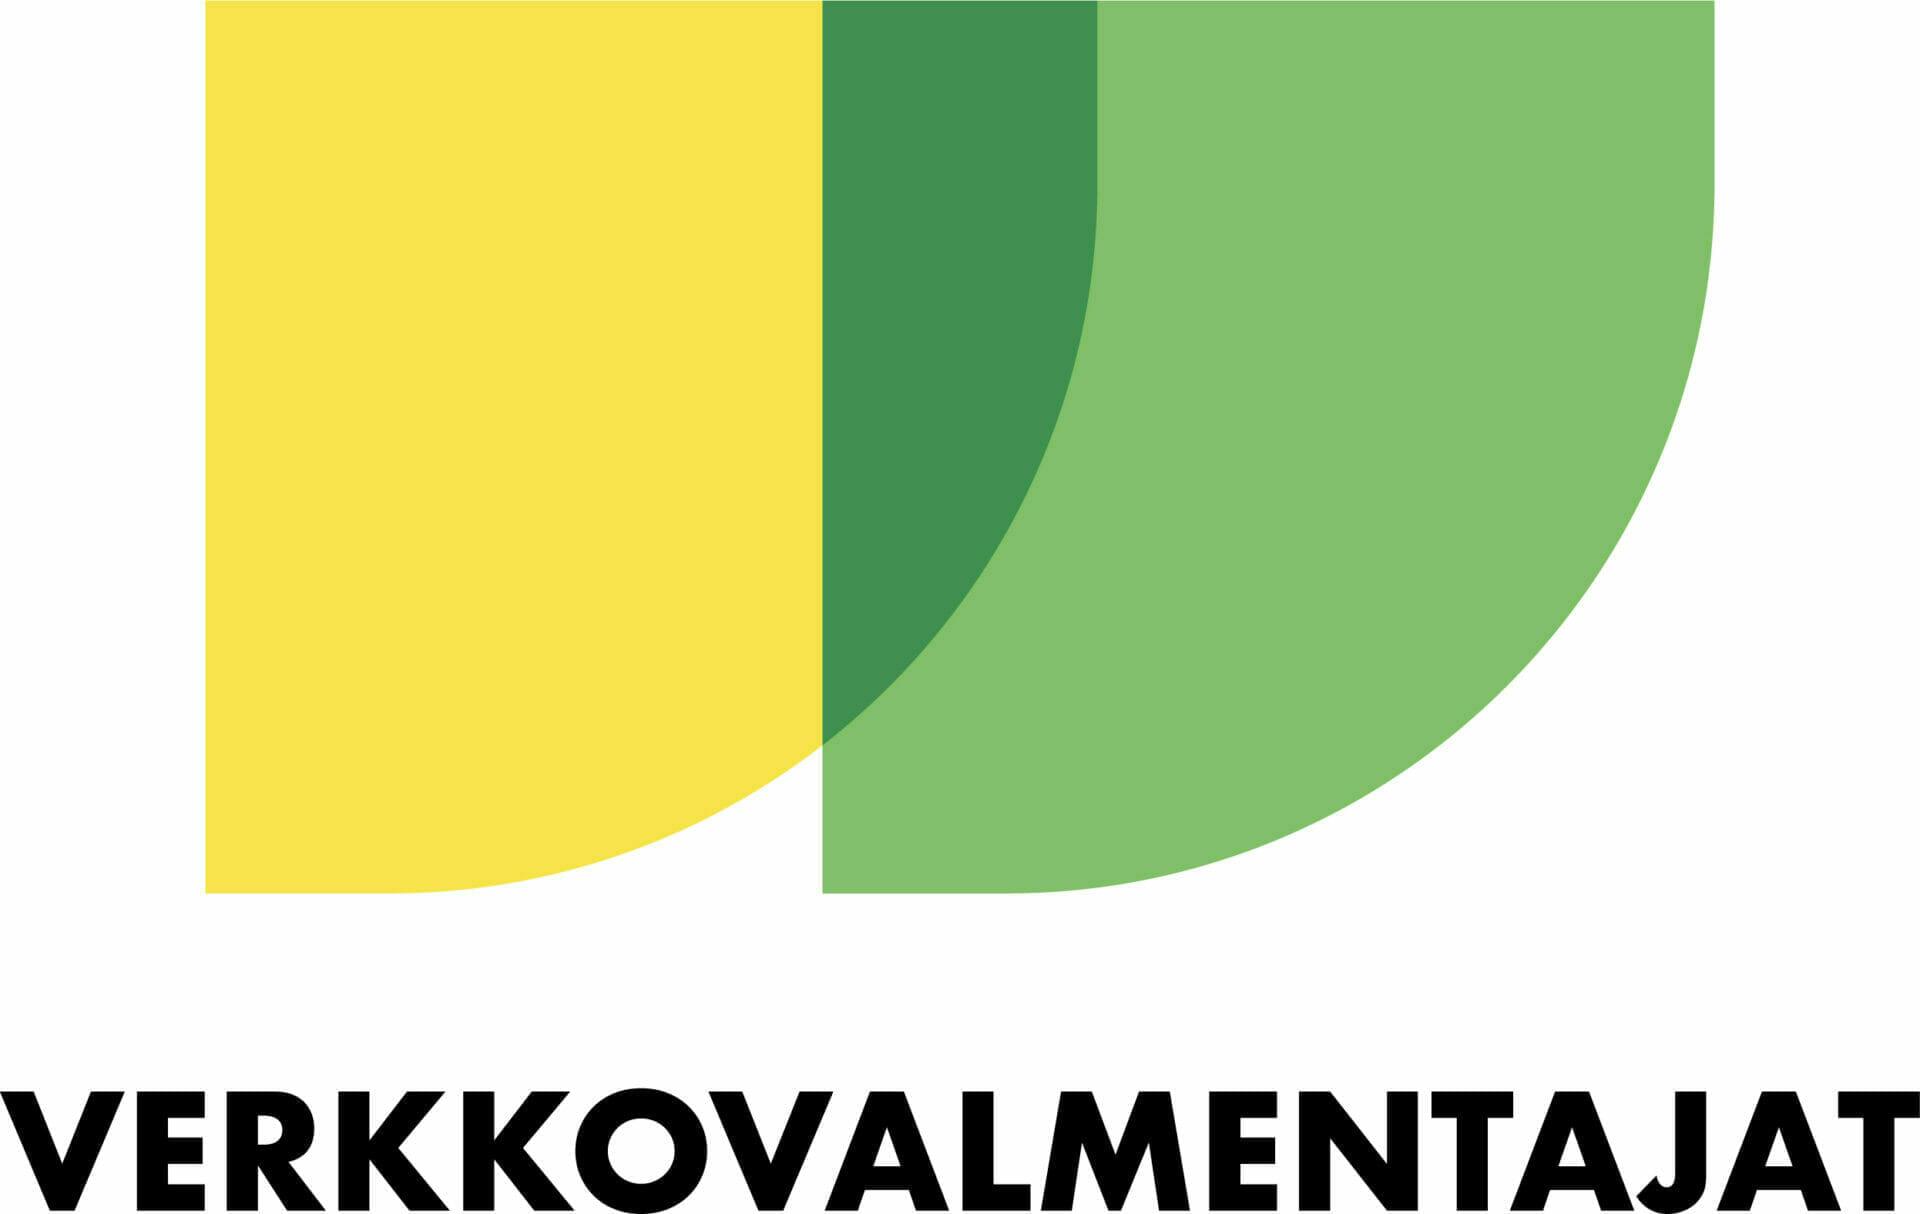 Verkkovalmentajat Logo